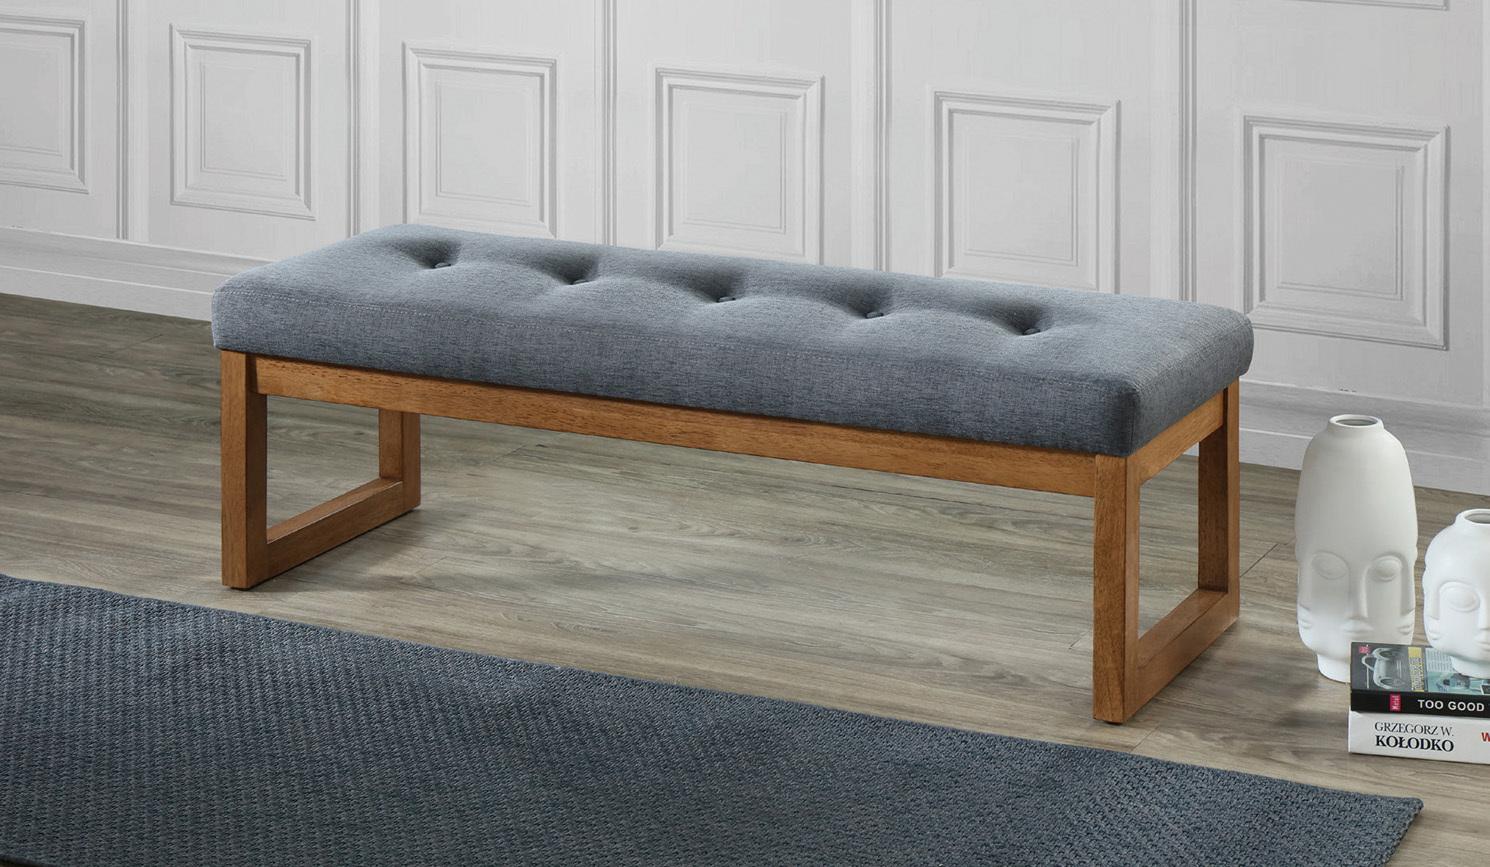 600-1達文西深灰布床尾椅.jpg